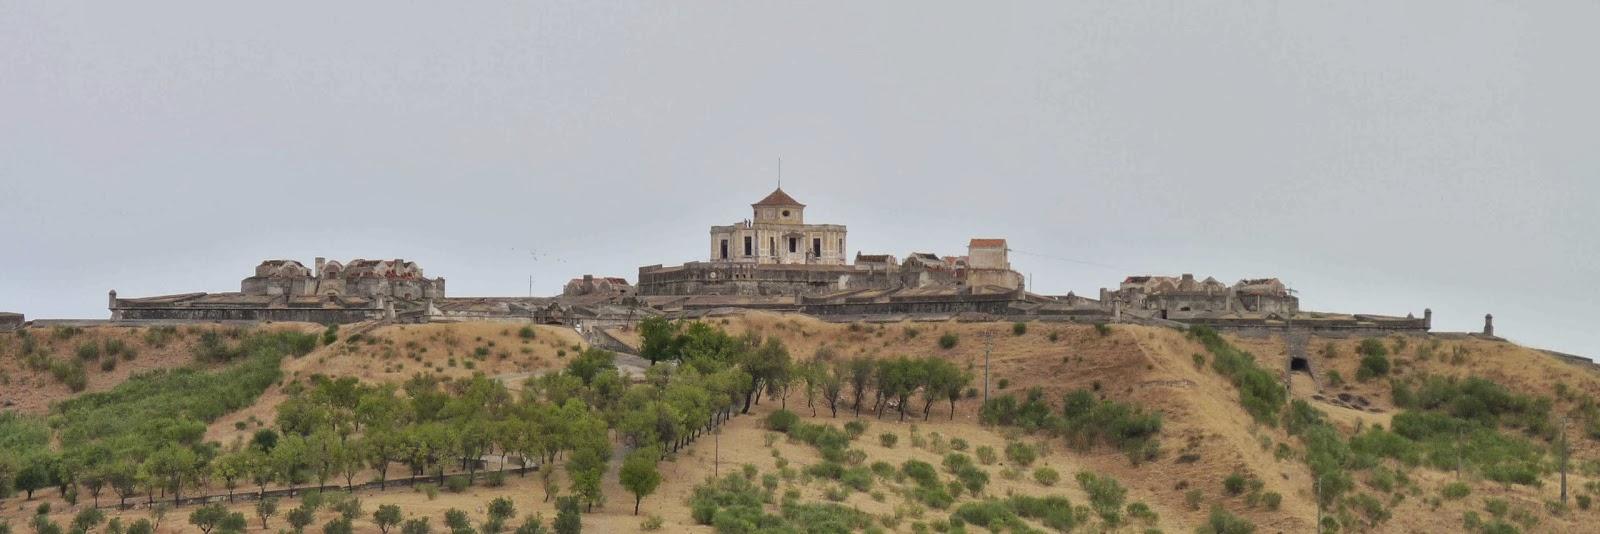 Elvas, Fuerte de Nuestra Señora de Gracia.